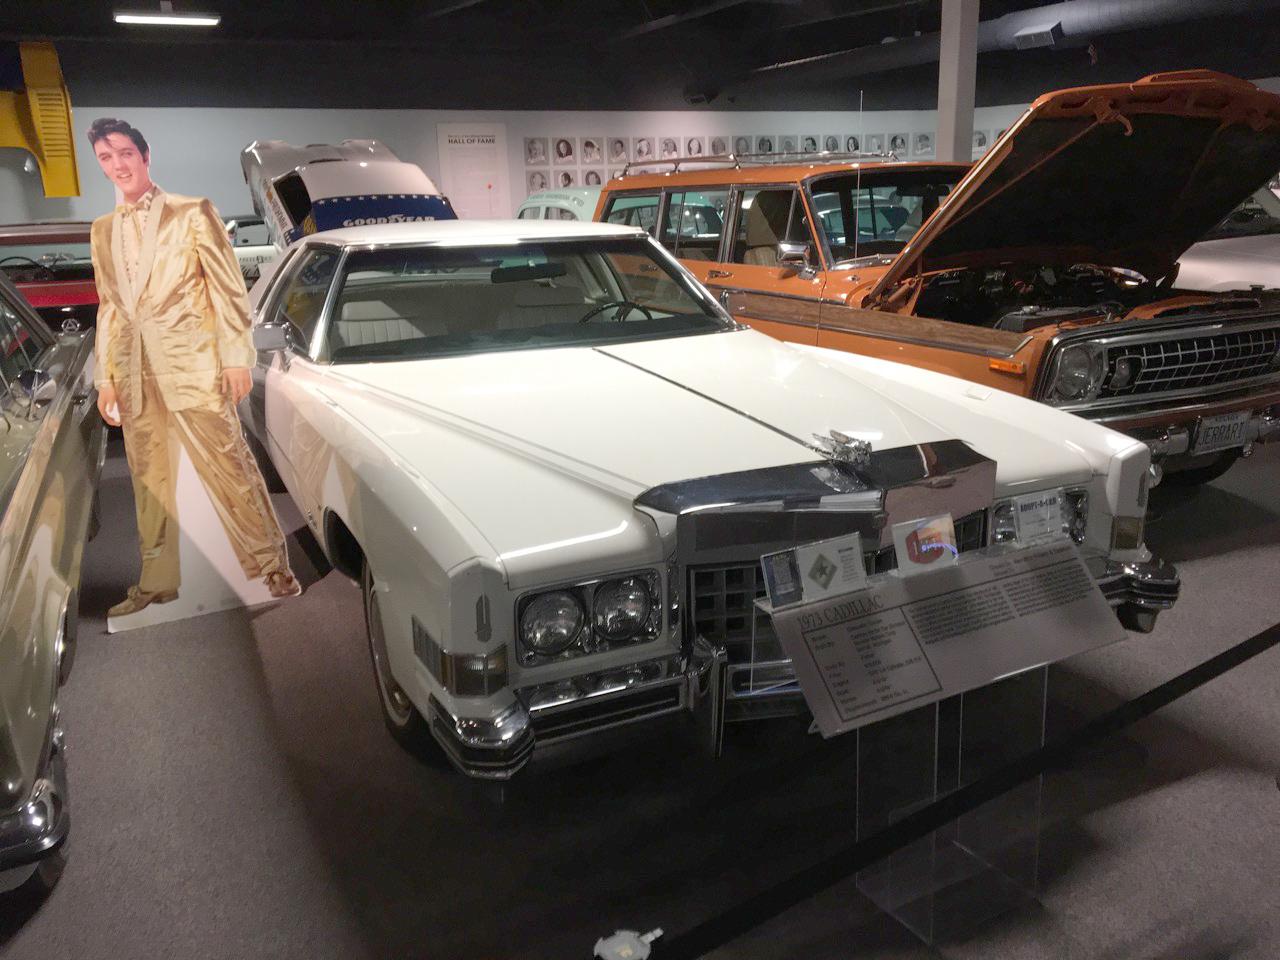 Elvis Presley's Cadillac Eldorado